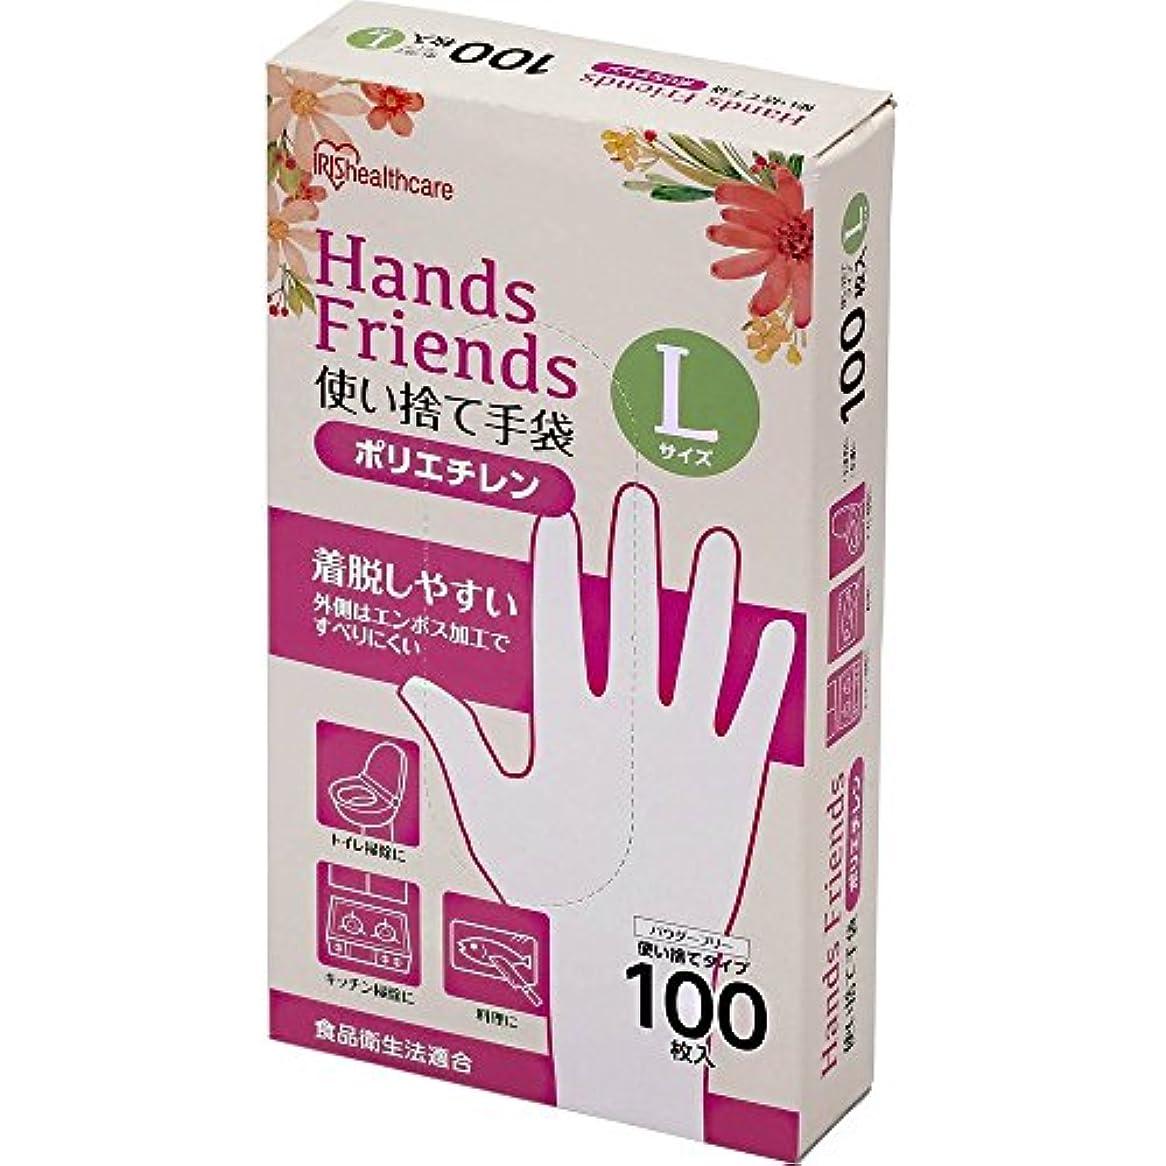 不安定な正当な方法使い捨て手袋 ポリエチレン手袋 Lサイズ 粉なし パウダーフリー クリア 100枚入